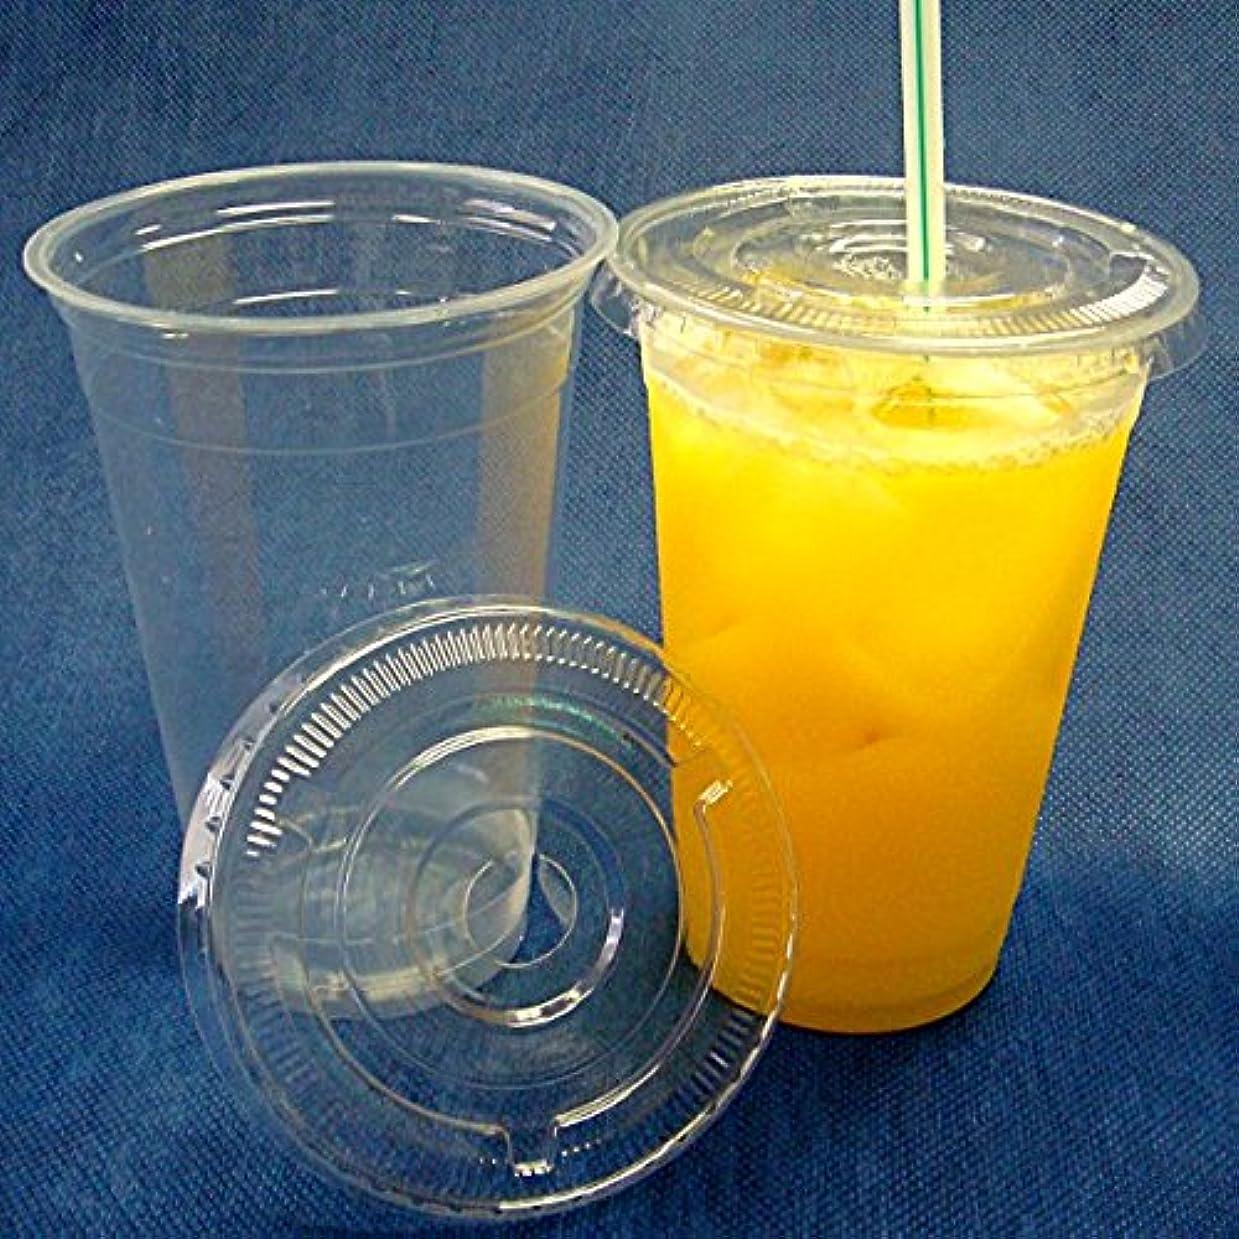 レクリエーションセットする電気的蓋付透明プラスチックカップ 17オンス 100組 set(c4-1?c4-2(2))